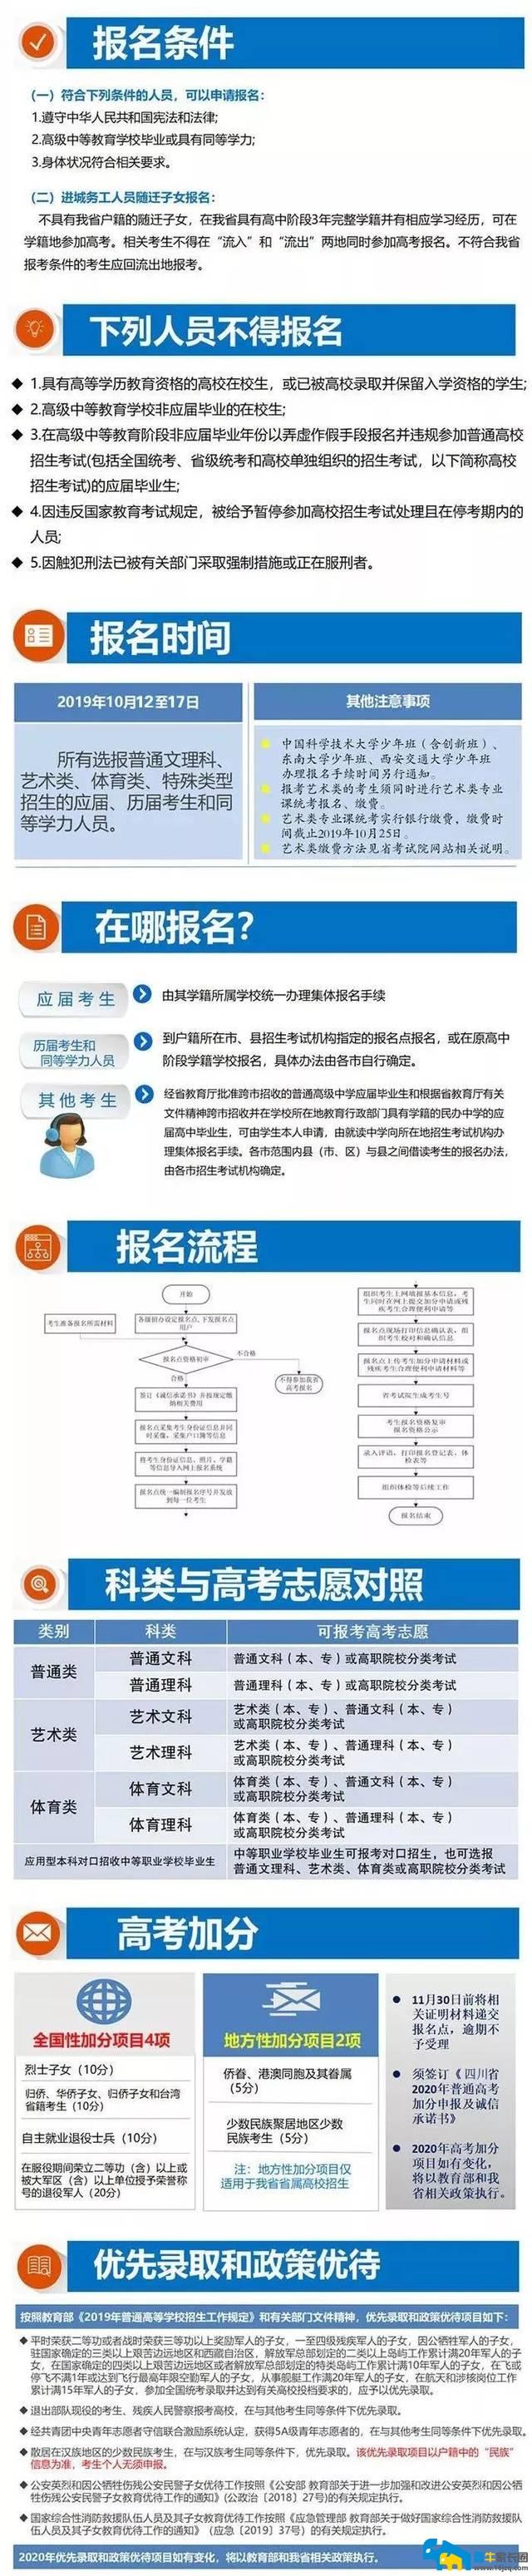 四川省2020高考报名政策2